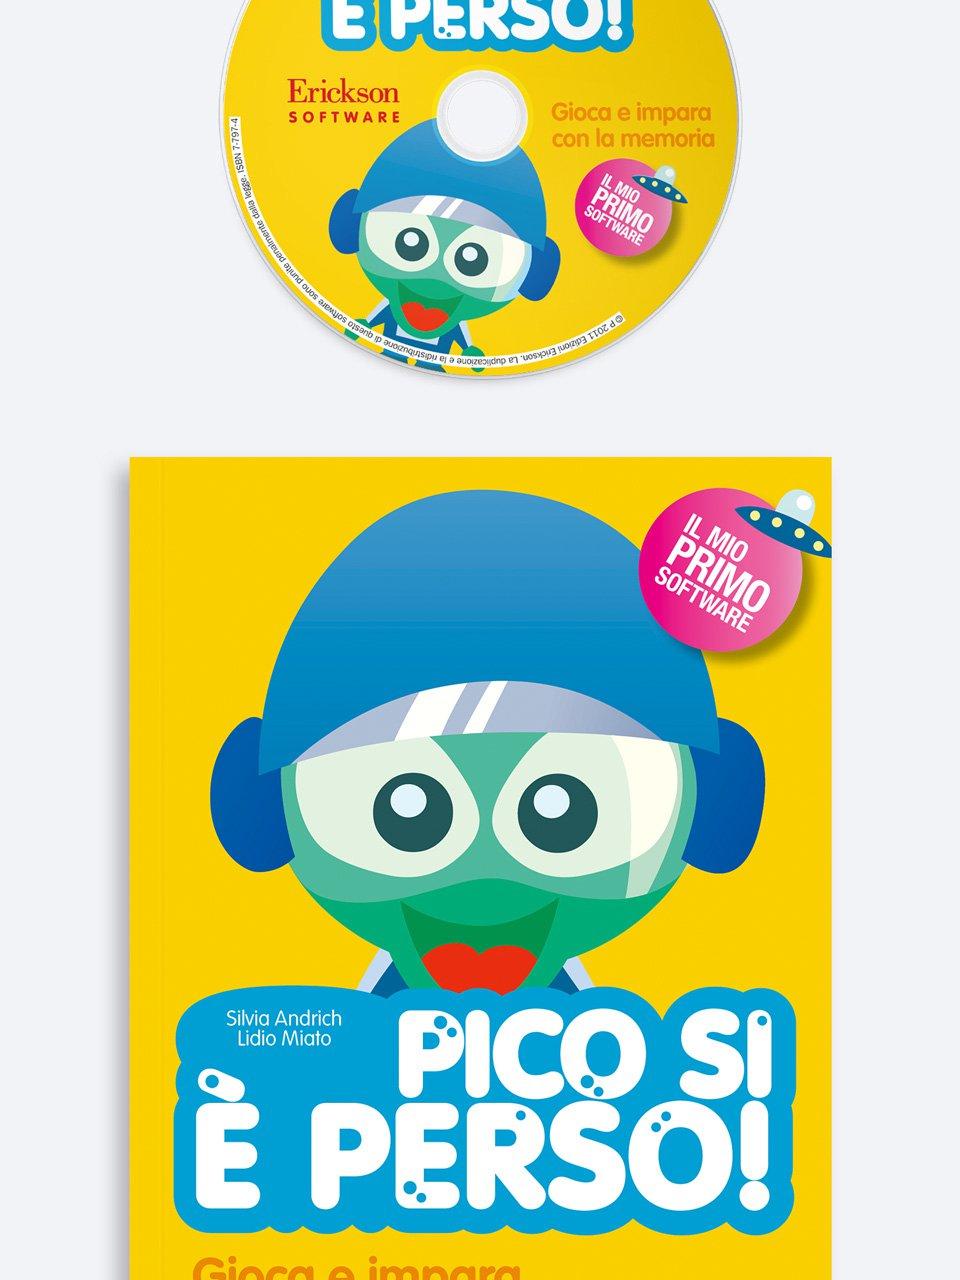 Pico si è perso! - App e software - Erickson